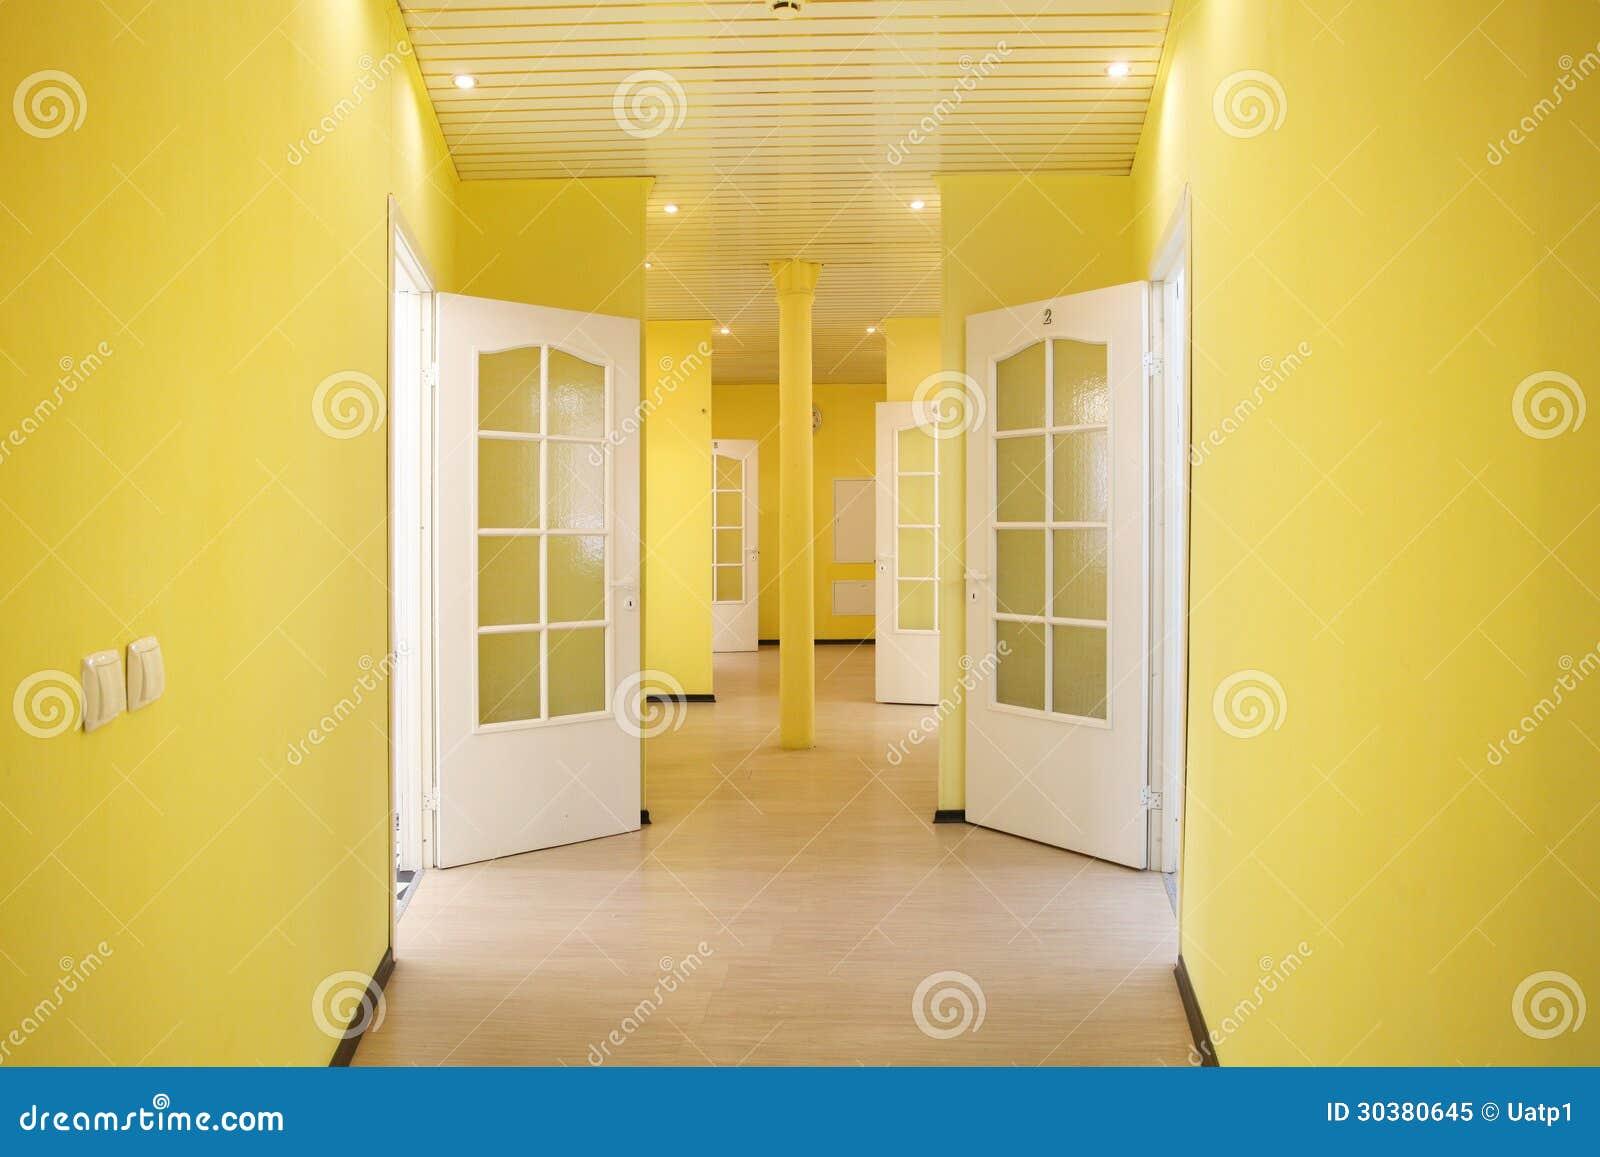 couloir jaune photo libre de droits image 30380645. Black Bedroom Furniture Sets. Home Design Ideas